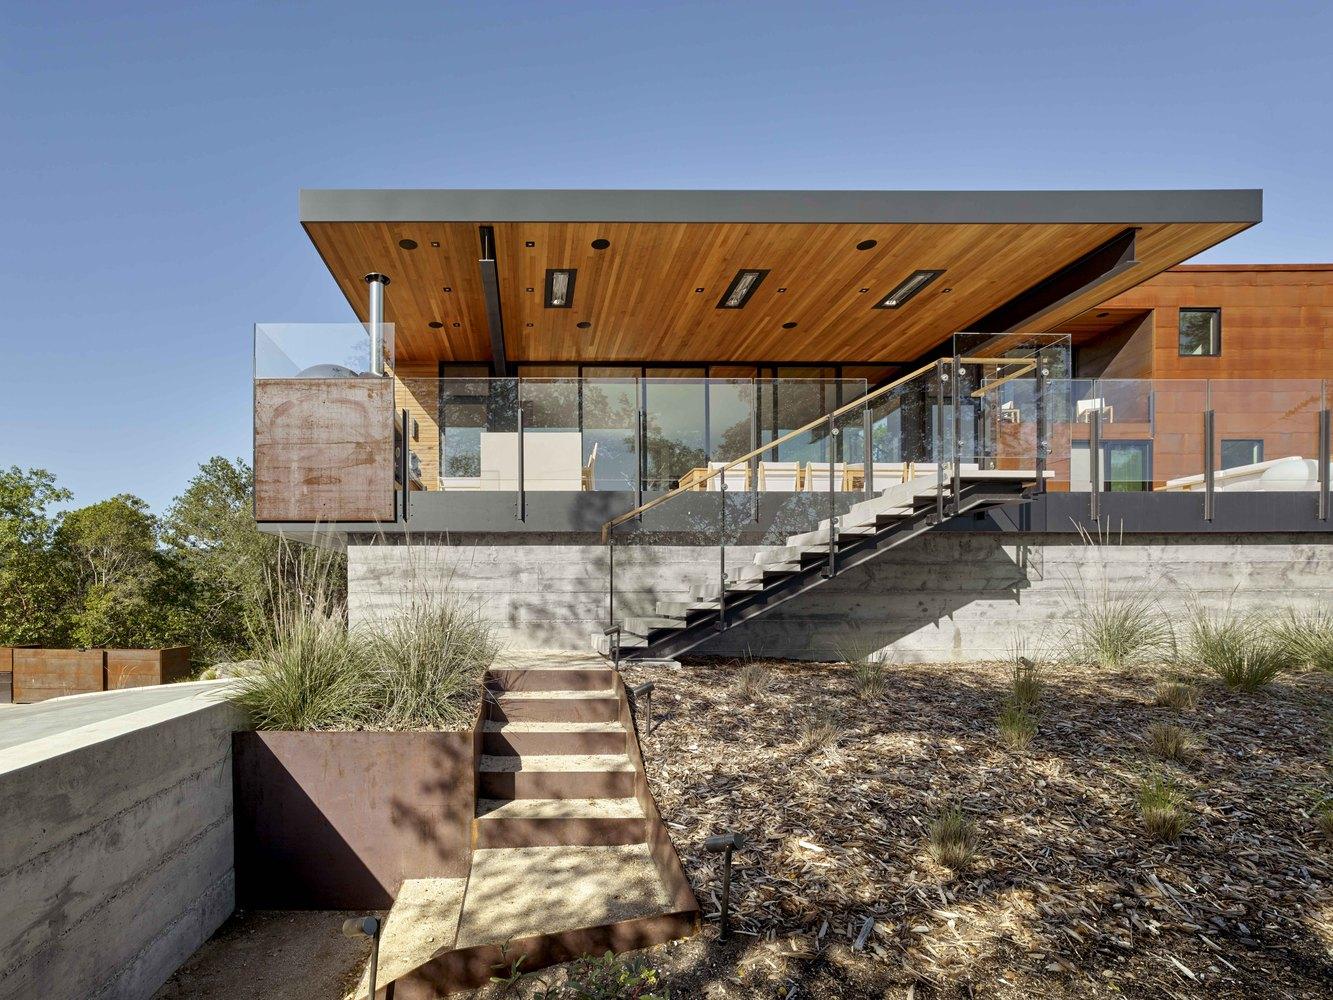 RidgeView House / Zack De Vito Architecture + Construction